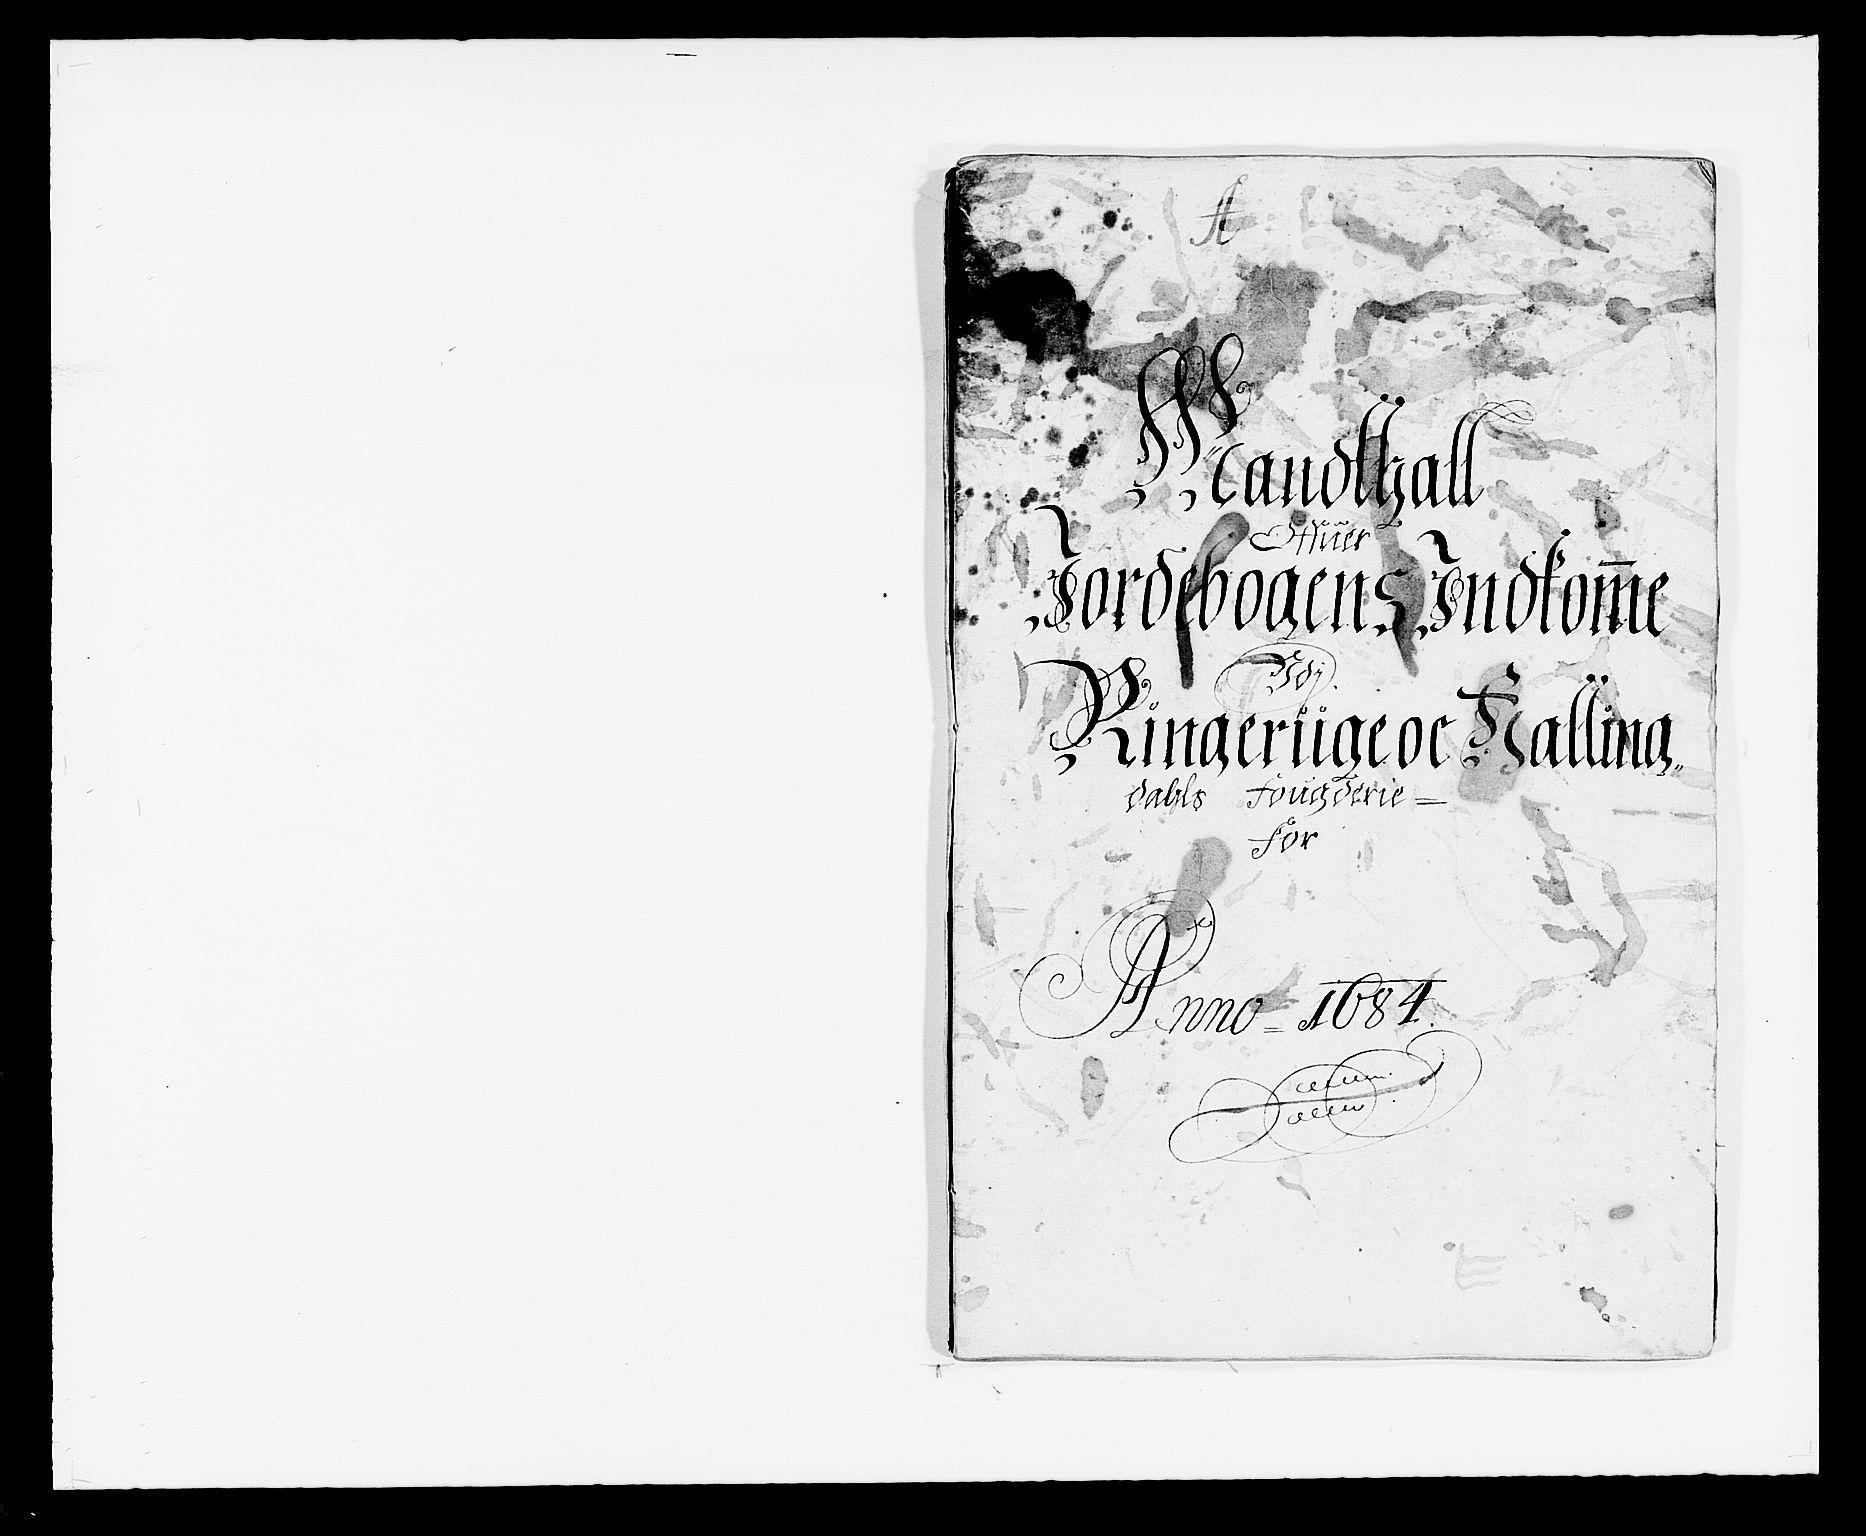 RA, Rentekammeret inntil 1814, Reviderte regnskaper, Fogderegnskap, R21/L1446: Fogderegnskap Ringerike og Hallingdal, 1683-1686, s. 171